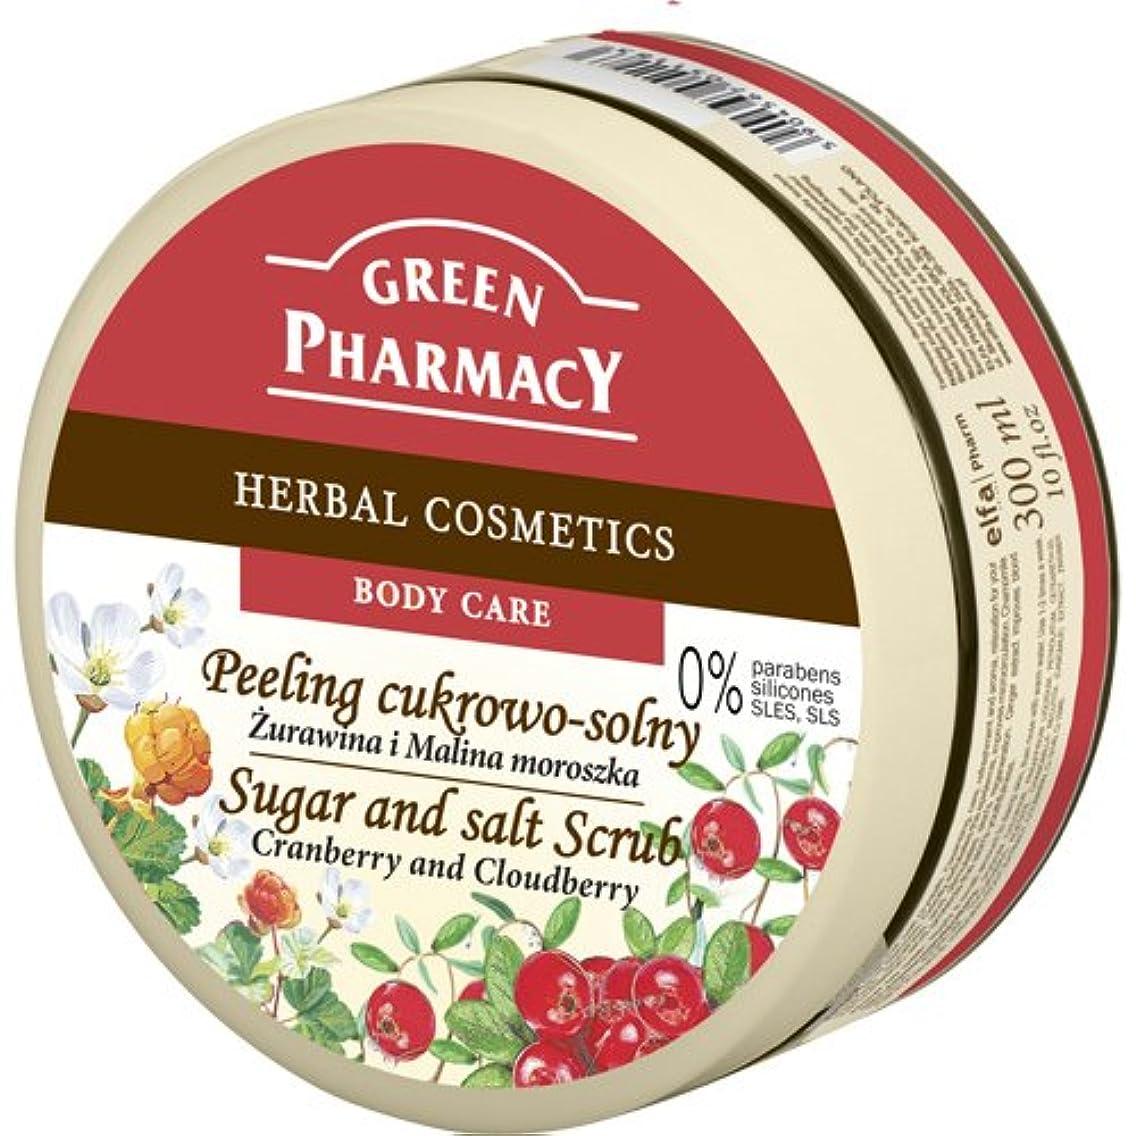 合計一遺棄されたElfa Pharm Green Pharmacy シュガー&ソルトスクラブ Cranberry and Cloudberry